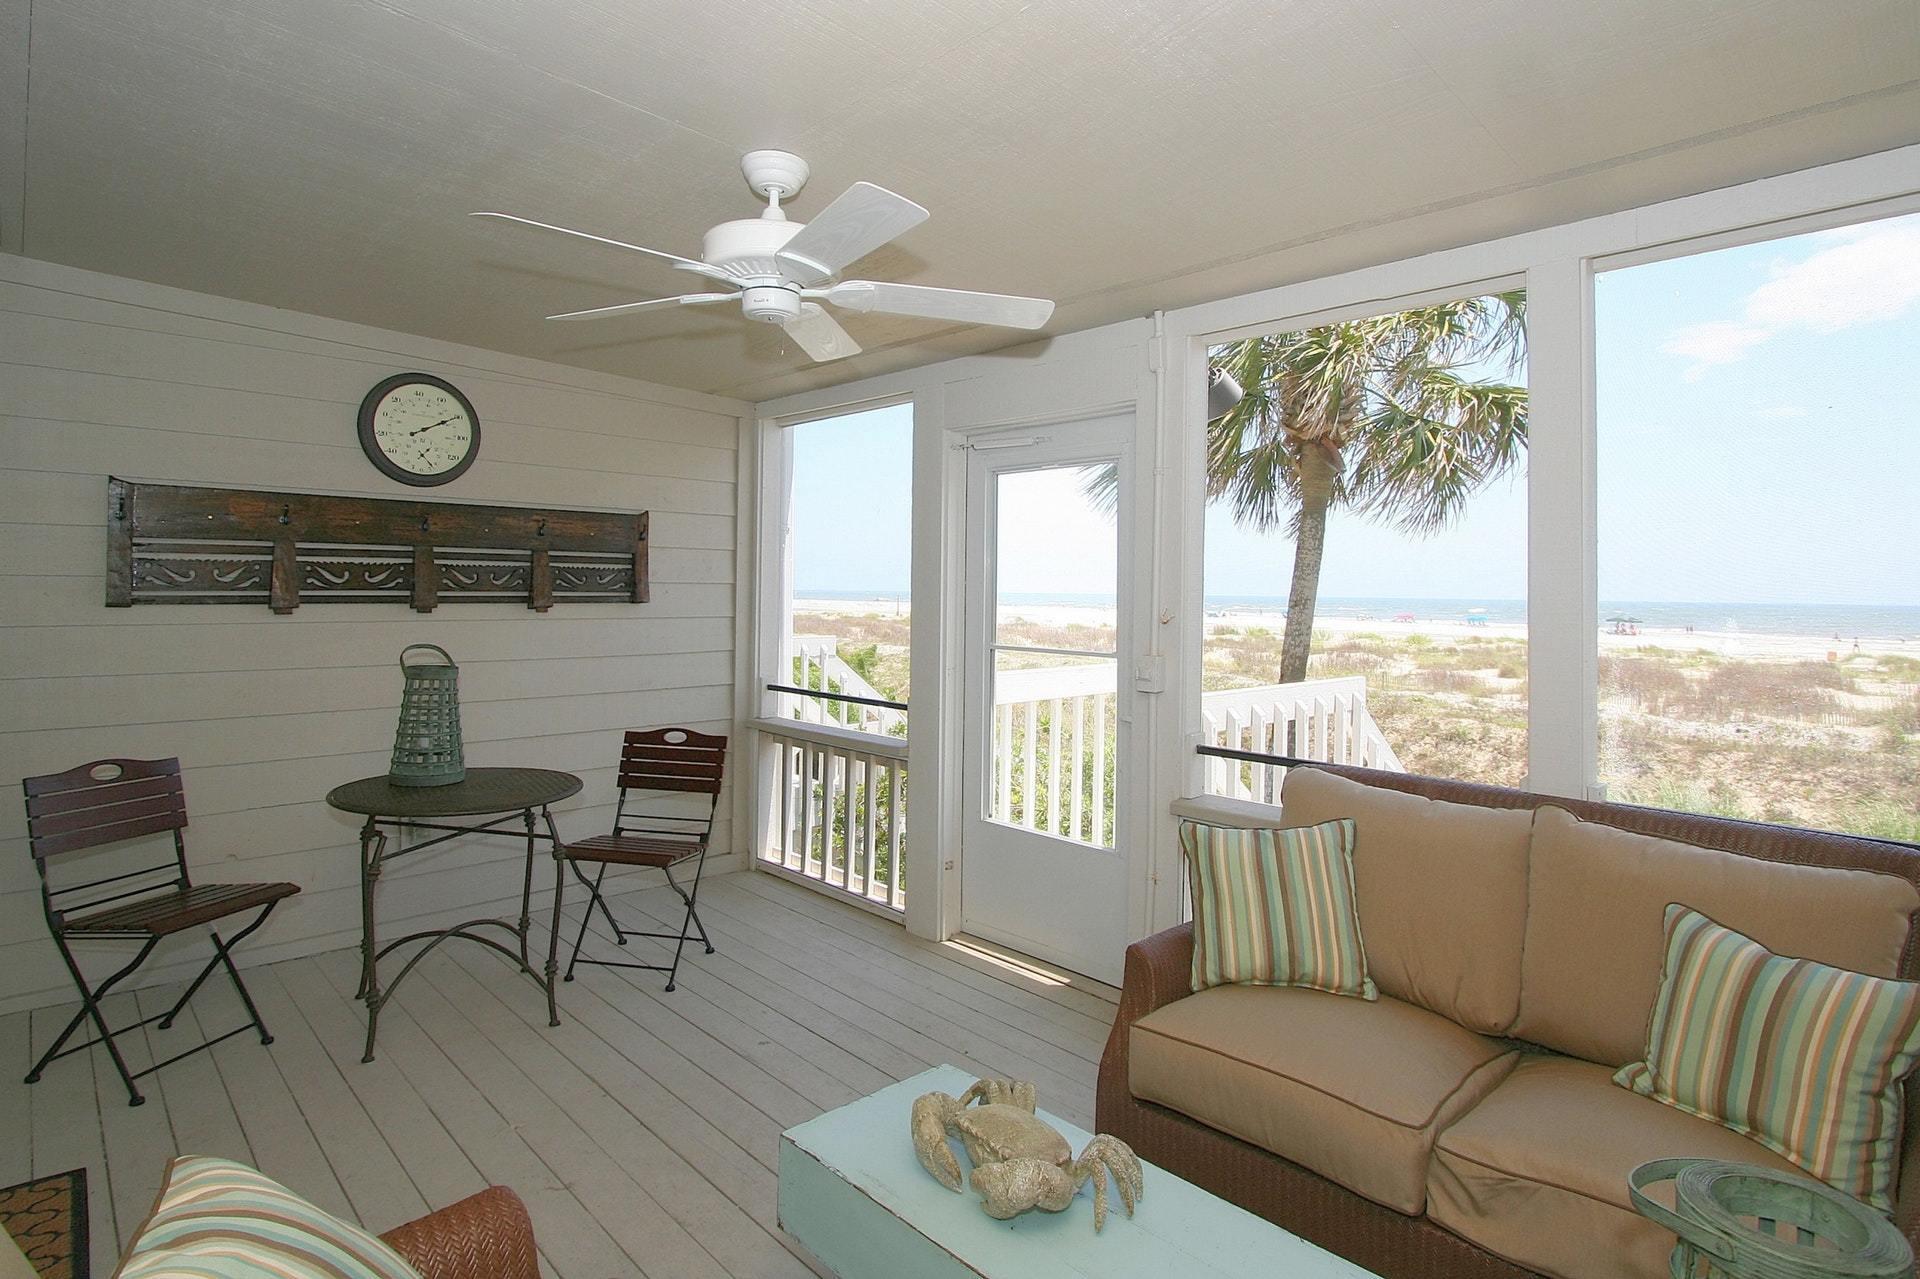 Beach Club Villas Homes For Sale - 34 Beach Club Villas, Isle of Palms, SC - 12